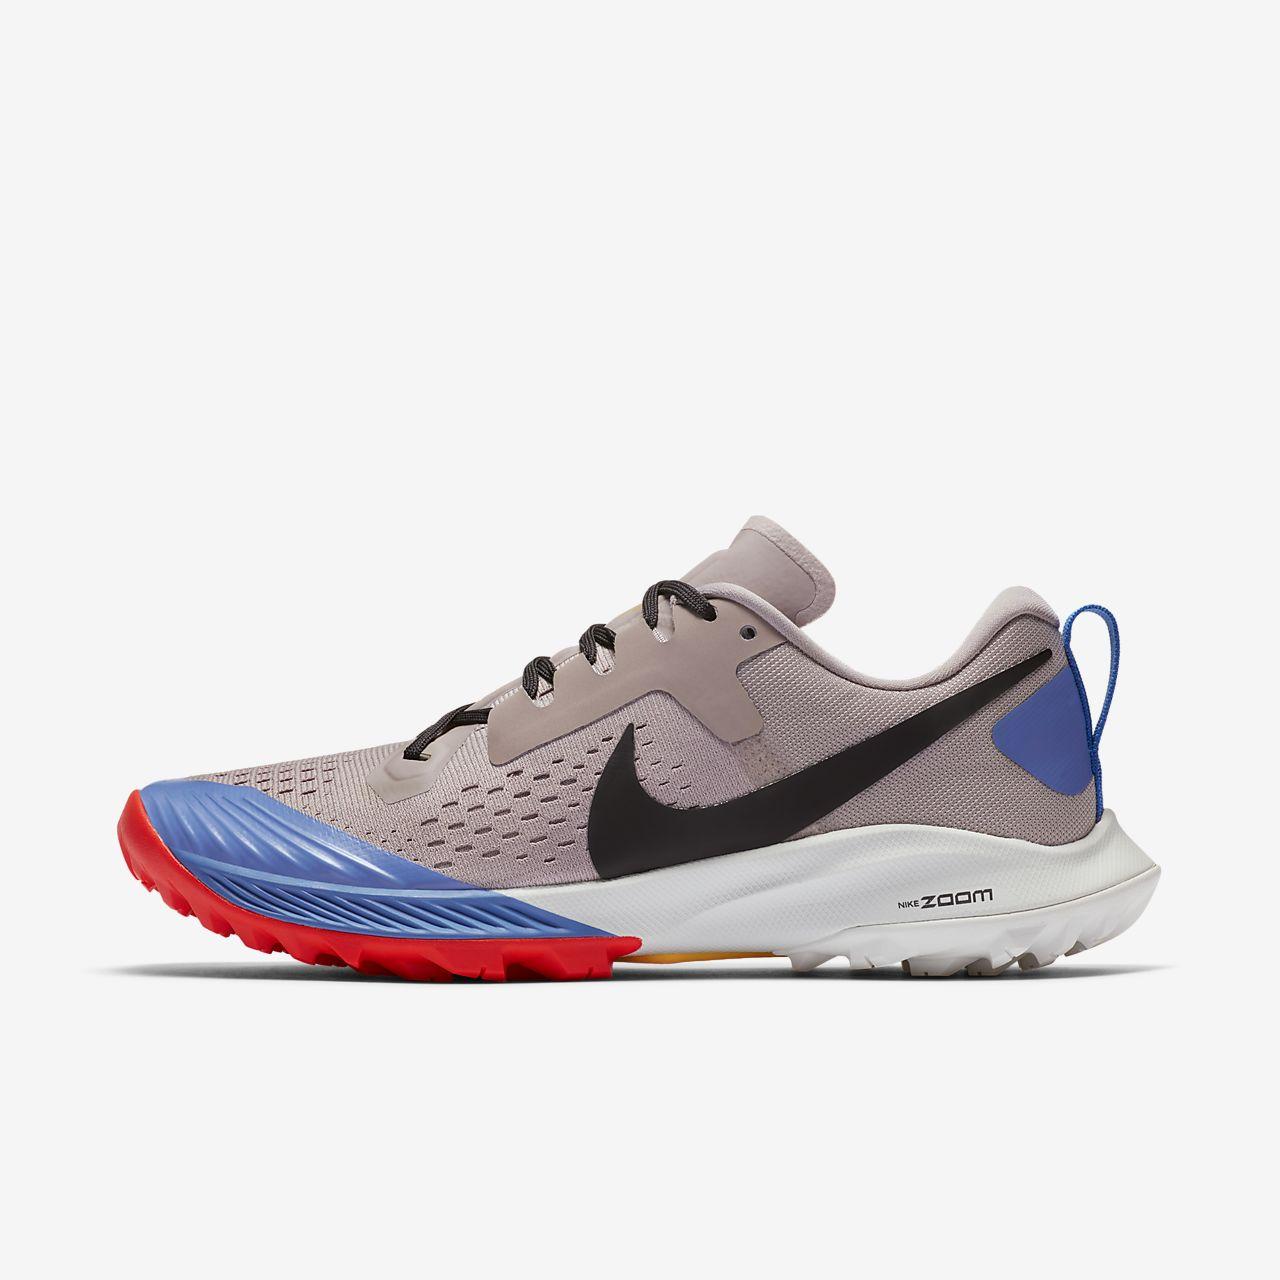 Γυναικείο παπούτσι για τρέξιμο σε ανώμαλο δρόμο Nike Air Zoom Terra Kiger 5